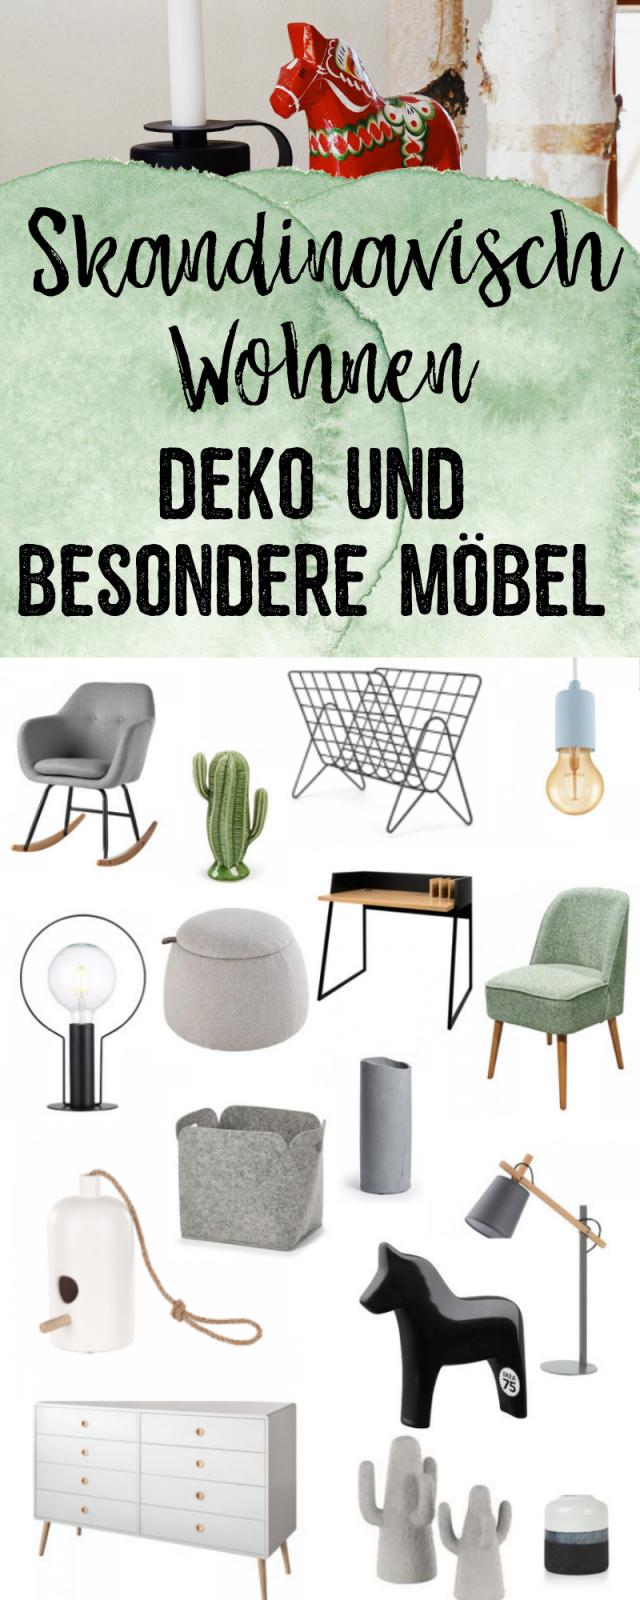 Skandinavisch Wohnen  Deko Und Besondere Möbel Für Deine von Besondere Deko Wohnzimmer Bild